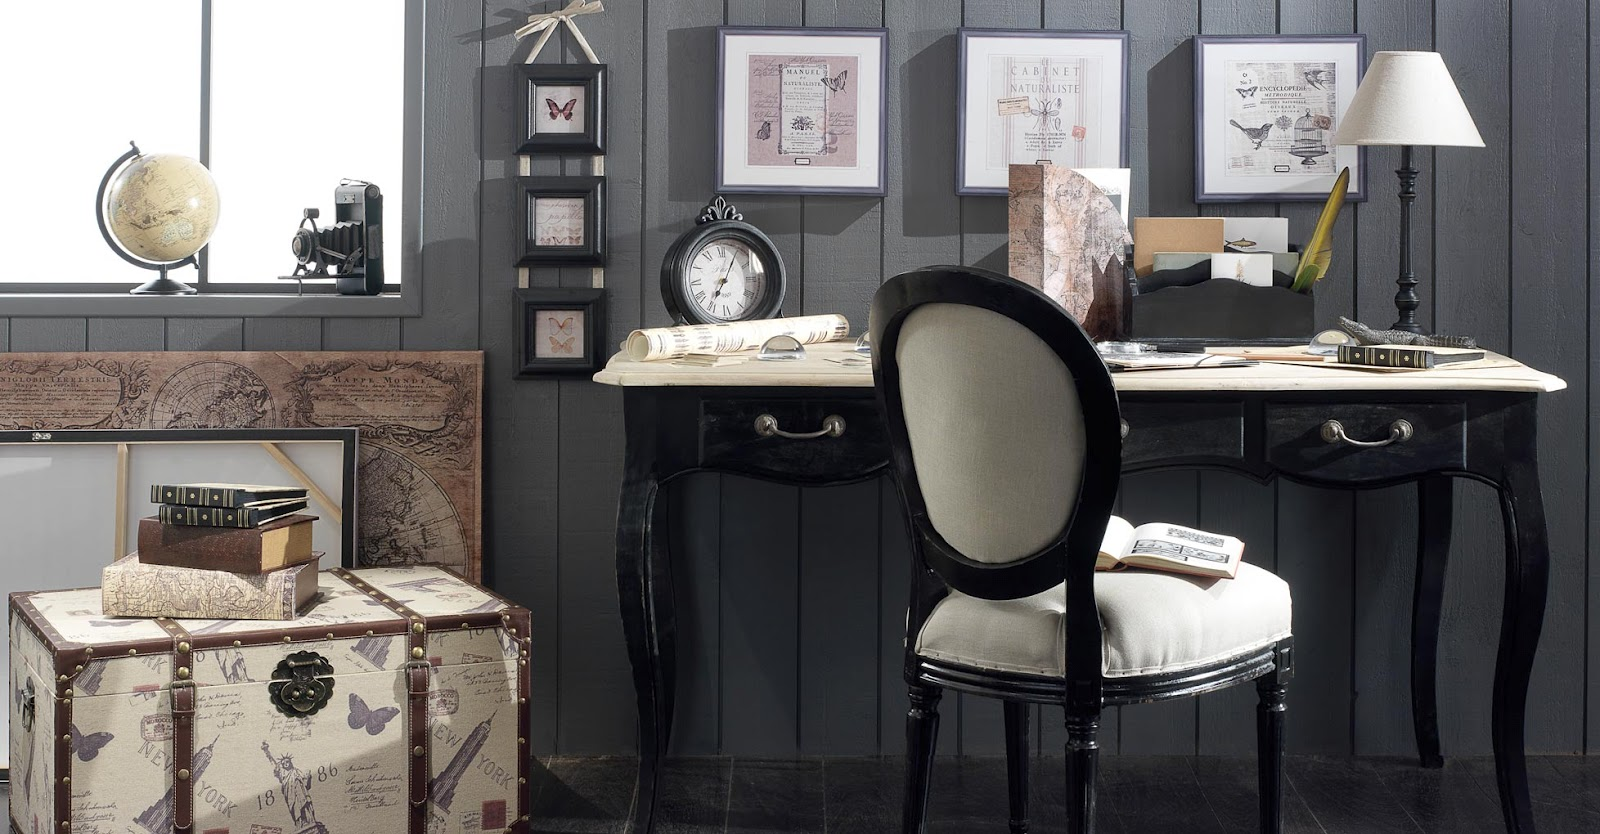 Boiserie c legno nero invecchiato per l 39 arredamento - Maison du monde italia ...